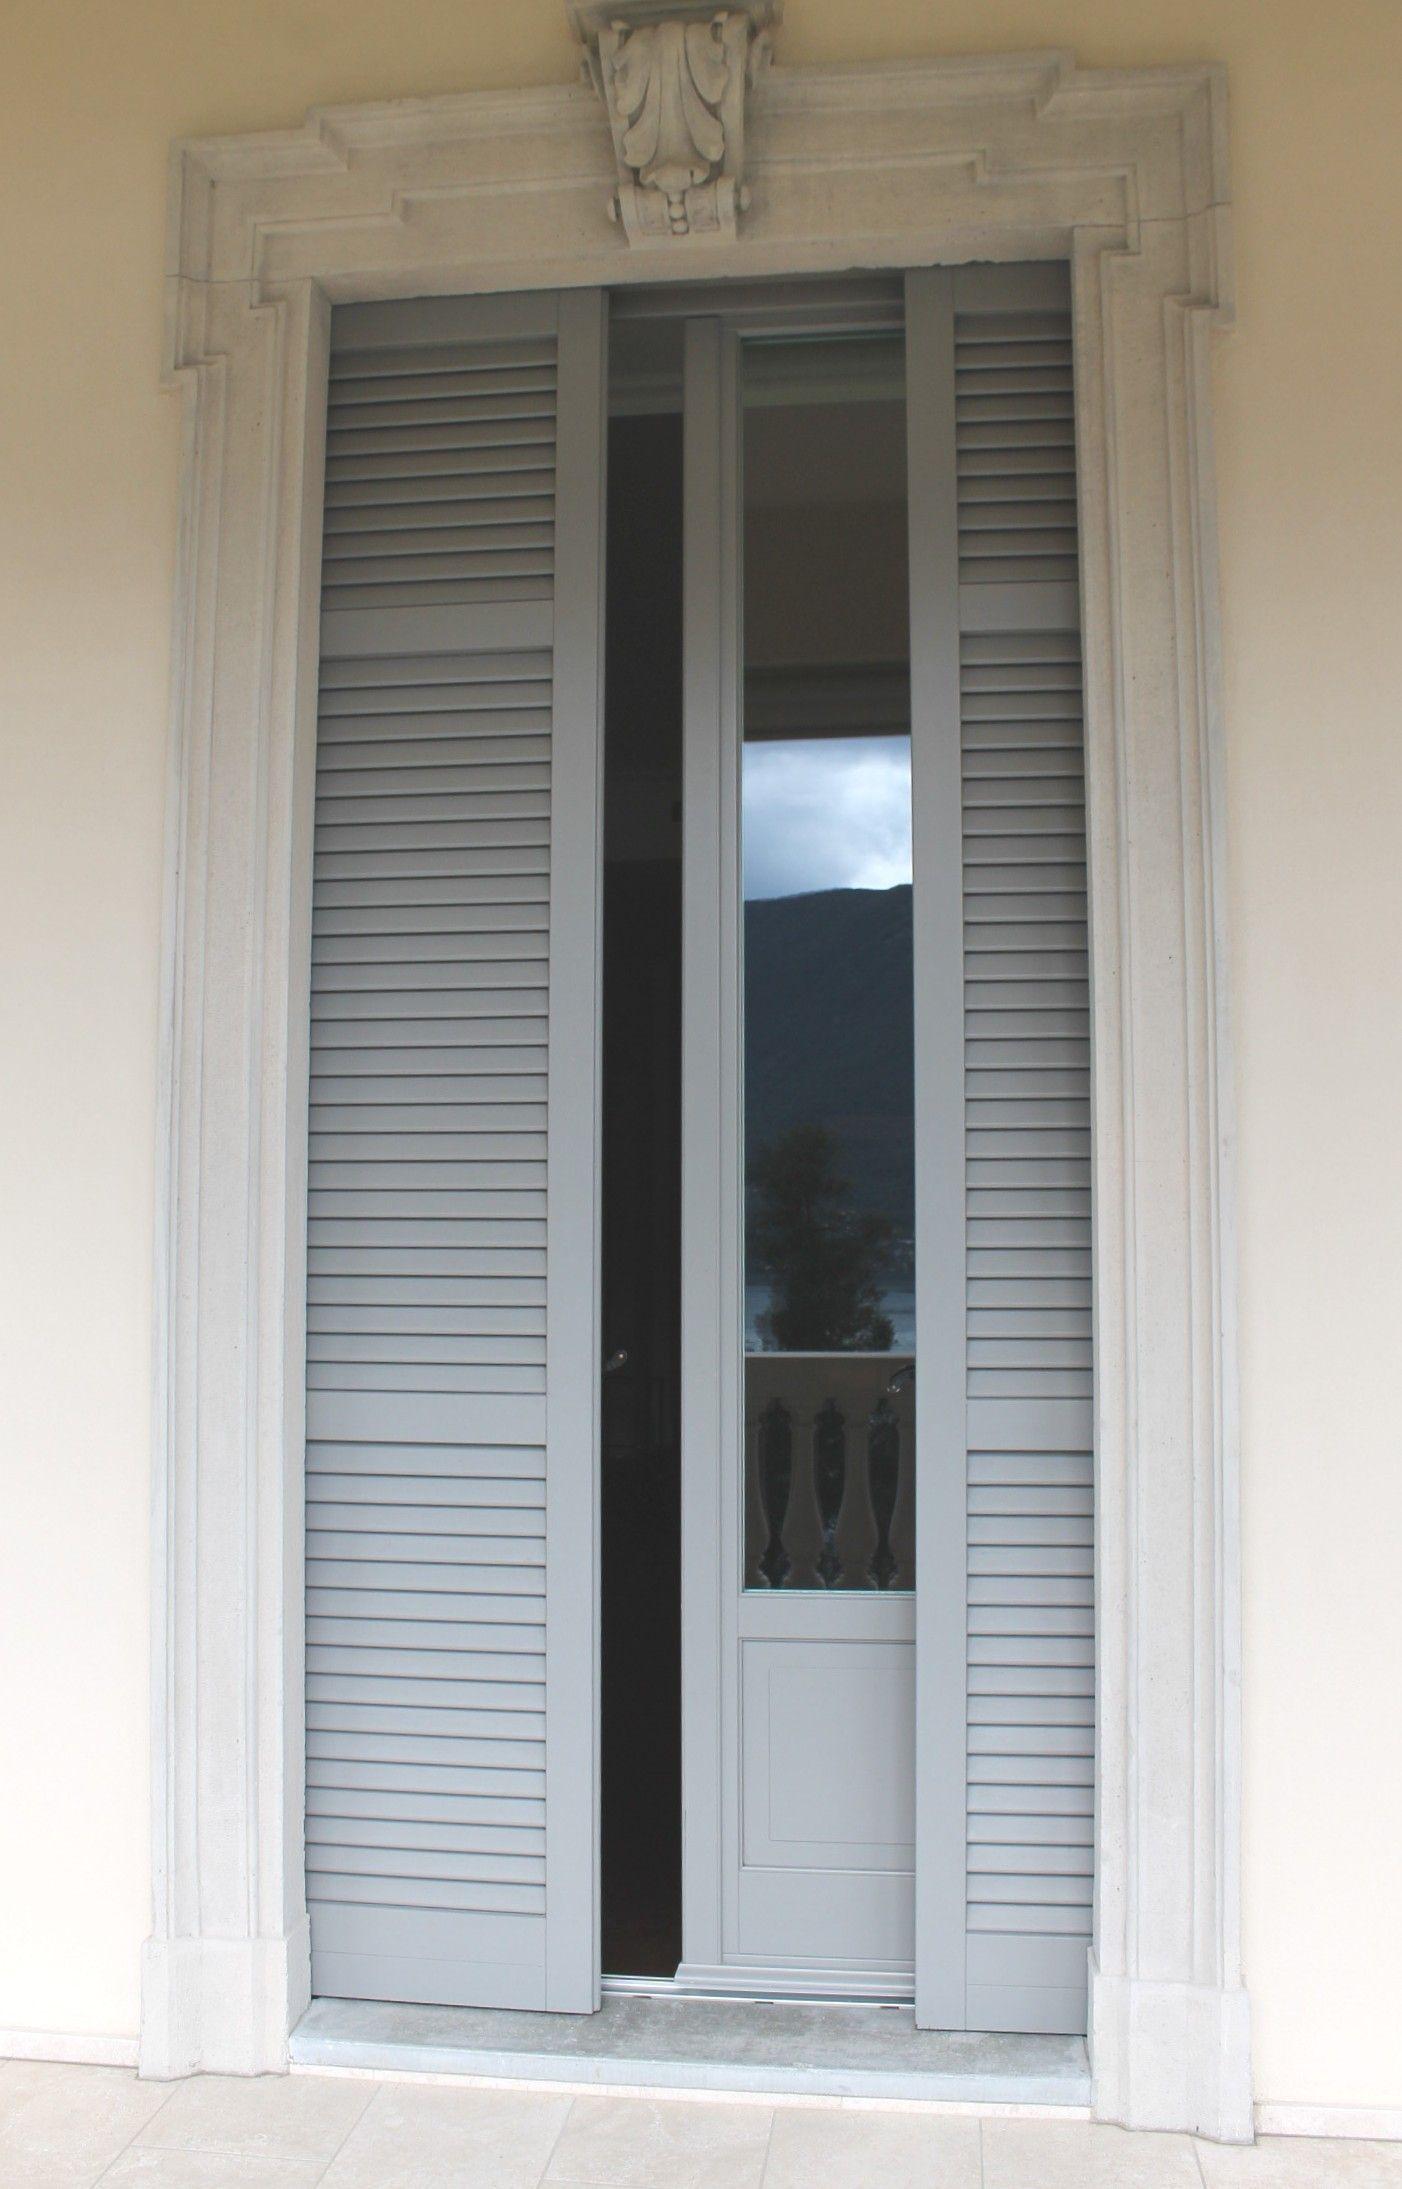 Villa stile liberty serramento in legno larice lamellare laccato a due colori diversi interno - Finestre liberty ...